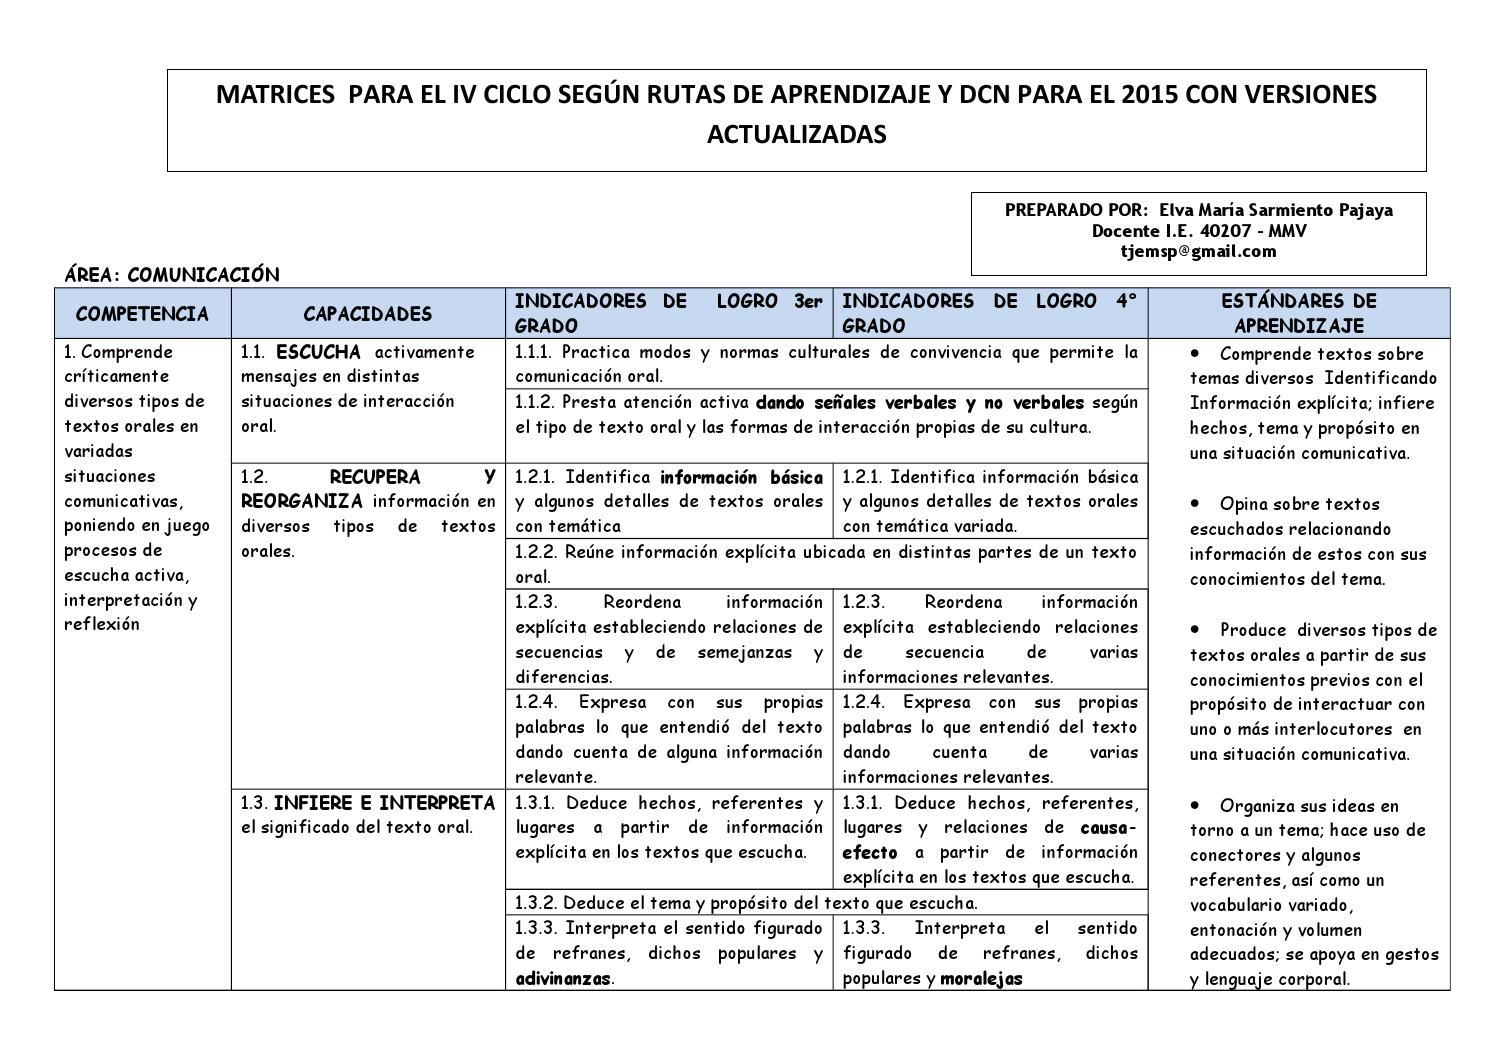 MATRICES DE COMPETENCIAS Y CAPACIDADES SEGÚN RUTAS Y DCN 2015 by ...